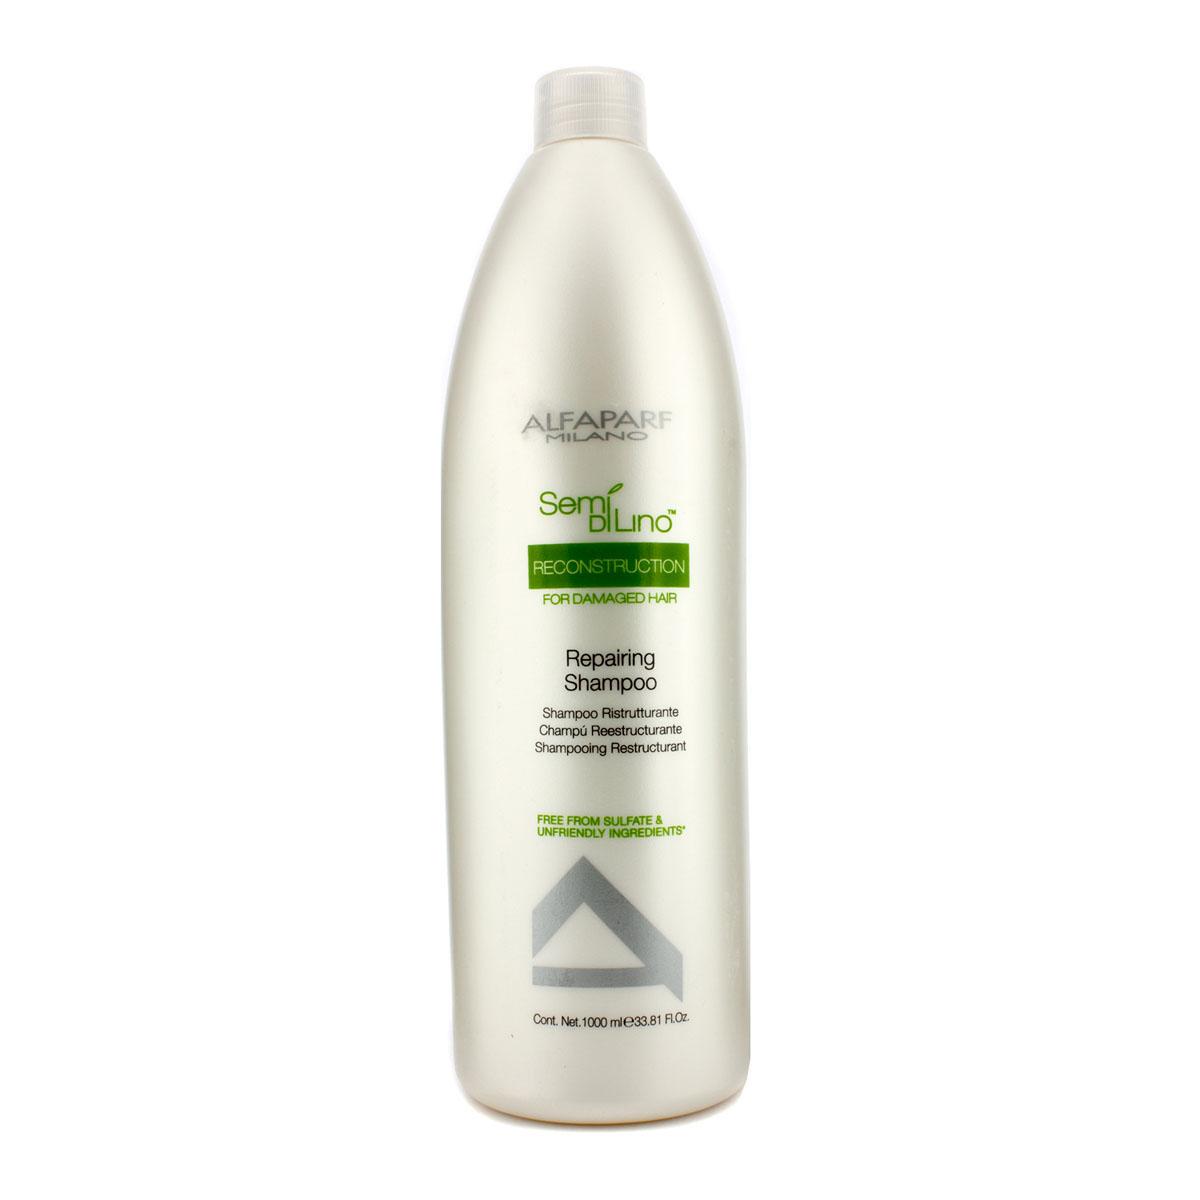 Alfaparf Шампунь для поврежденных волос Semi Di Lino Reconstruction Reparative Shampoo 1000 мл72523WDAlfaparf Semi Di Lino Reconstruction Reparative Shampoo Шампуньдля повреждённых волос разработан специально для повреждённых, ломких и слабых волос. Данное средство обеспечивает волосам тройной эффект способствует быстрому восстановлению повреждённых волос, усиливает их блеск, защищает естественный цвет волос.В состав шампуня Alfaparf SDL Reconstruction Reparative входит экстракт семени льна, который делает волосы блестящими, мягкими и гладкими, обеспечивая их лёгкое расчёсывание, а также экстракт бамбука, который позволяет реанимировать и увеличить гибкость волосяного стрежня.Шампунь Альфапарф SDL для повреждённых волос наделяет волосы здоровьем и блеском, сохраняя их естественный цвет.Подходит для типов волос: повреждённых, ломких и слабых.